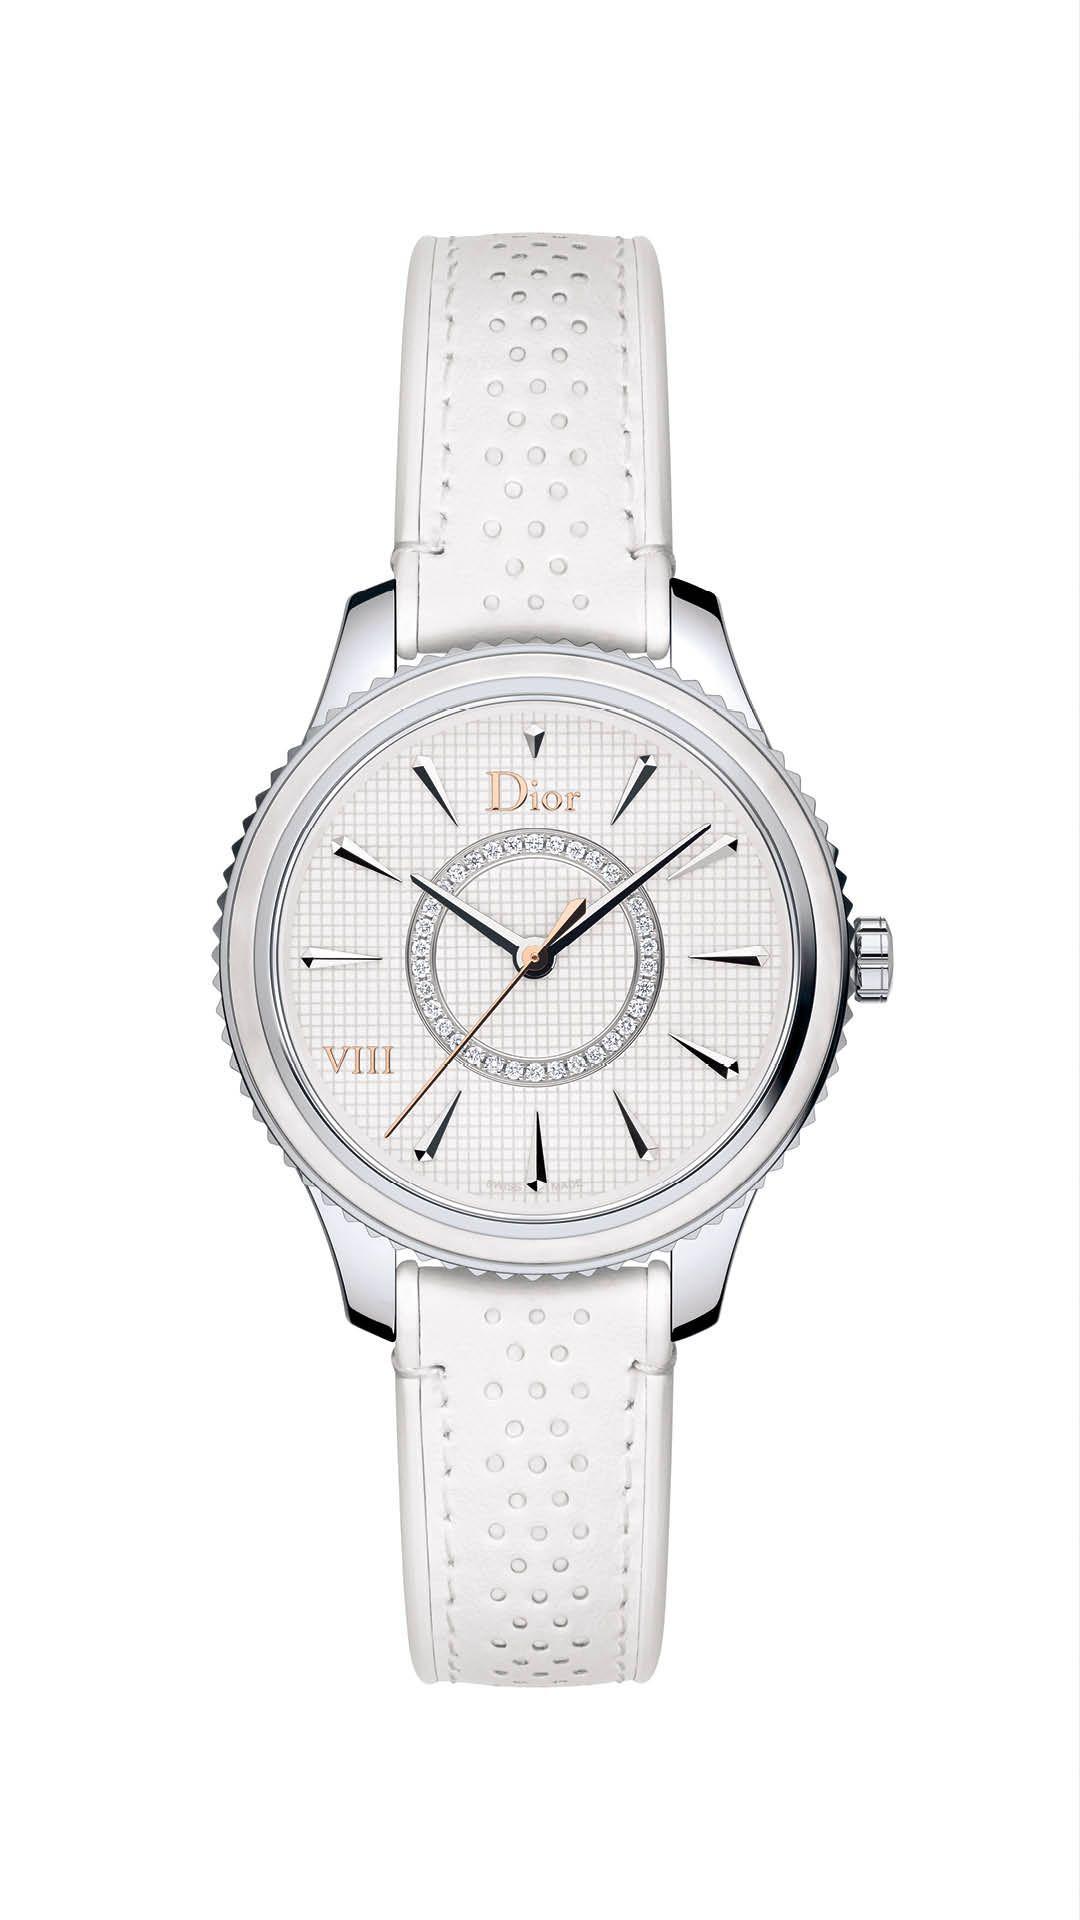 Dior-VIII-Montaigne-Watch